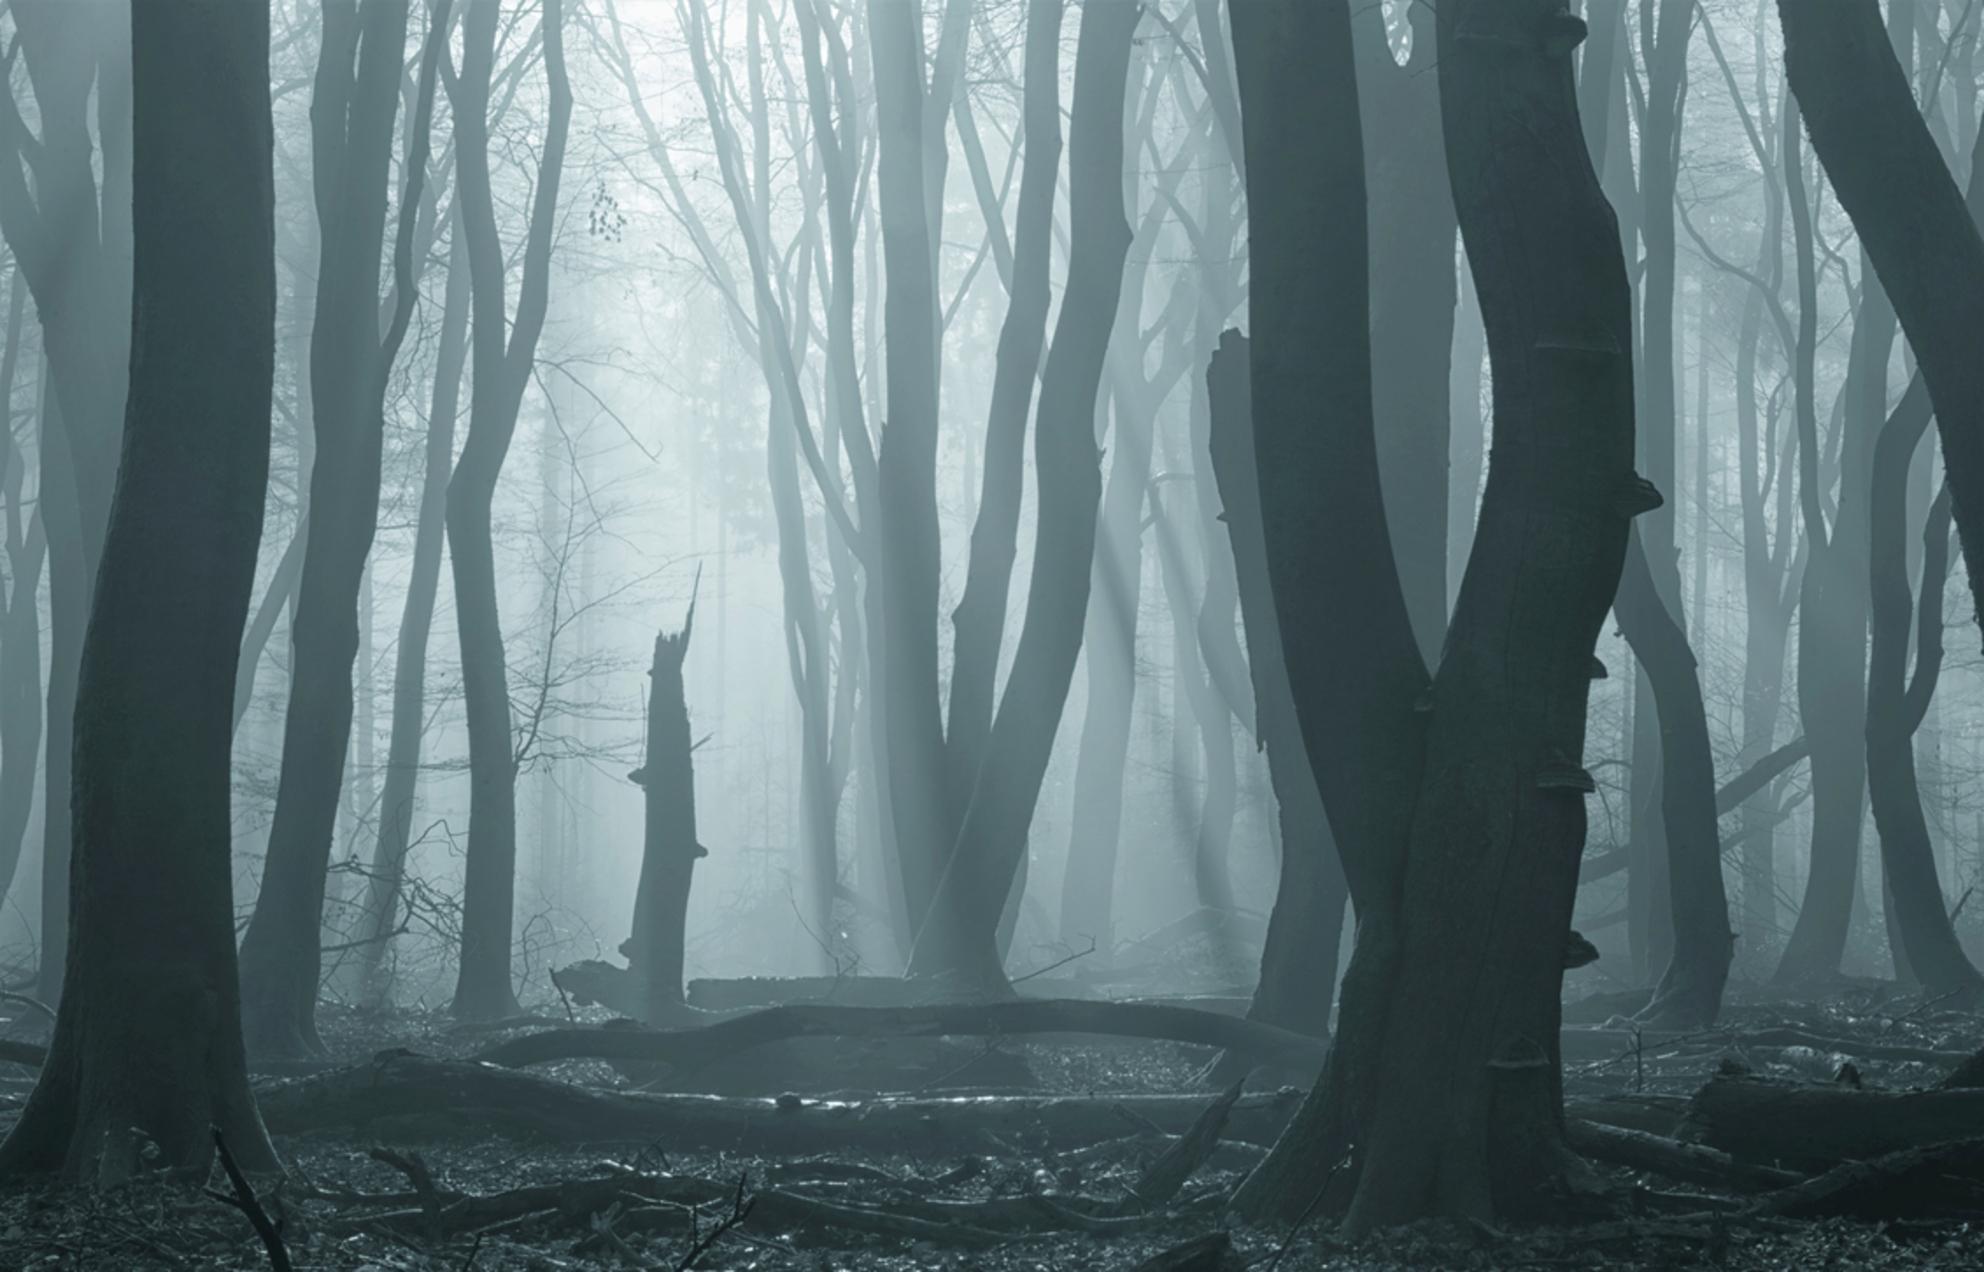 De dappere - Na de mist een tijdje achterna te zijn gehobbeld vond ik deze plek. Ik zocht naar een bijzondere boom en deze kleinere viel mij op tussen de grote jo - foto door pslagmolen op 02-03-2021 - deze foto bevat: panorama, natuur, veluwe, winter, landschap, mist, bos, zonsopkomst, bomen, zonnestralen, speuldersbos, lange sluitertijd - Deze foto mag gebruikt worden in een Zoom.nl publicatie